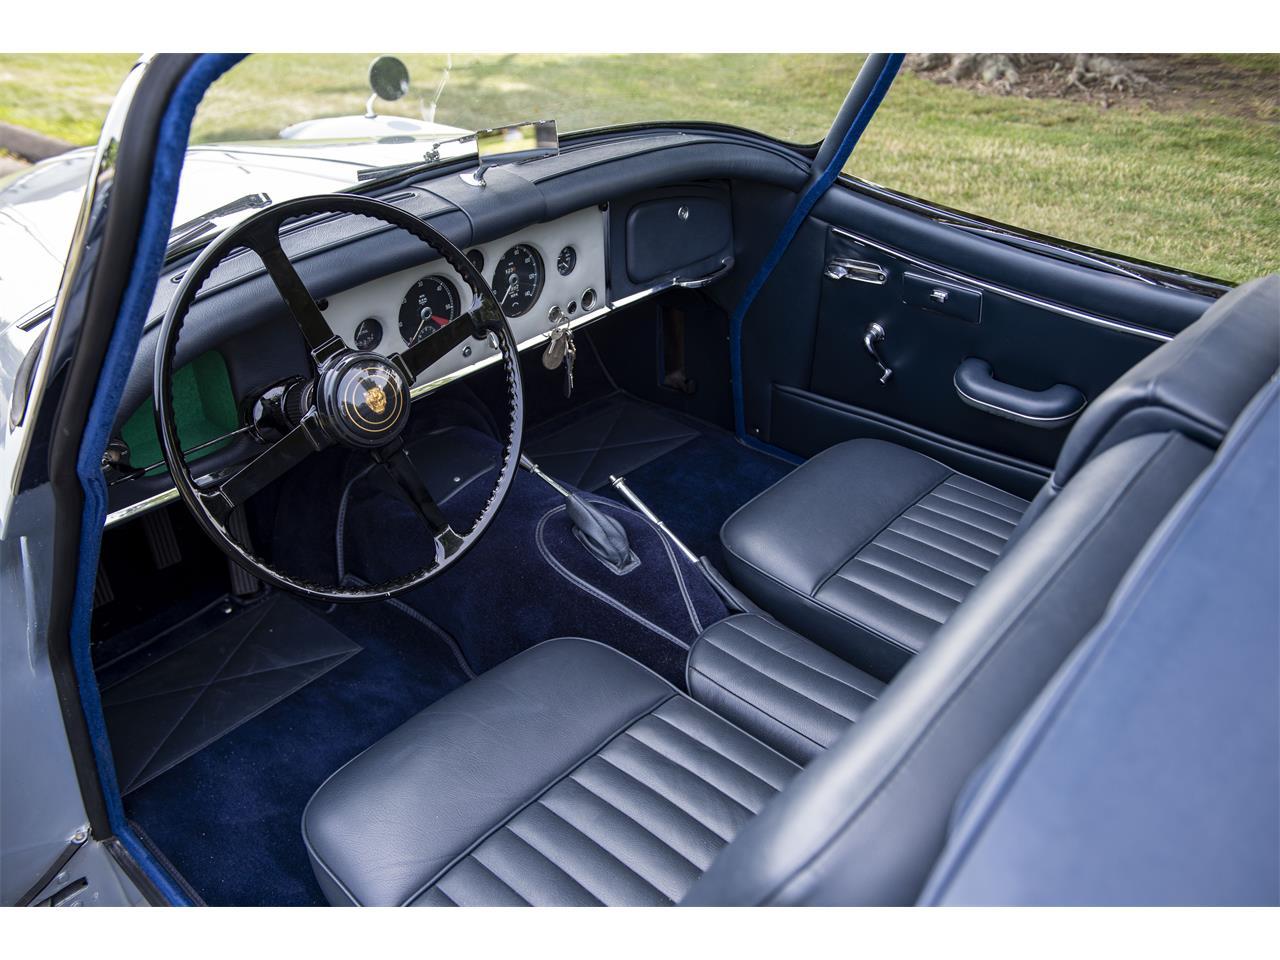 1958 Jaguar XK150 (CC-1296877) for sale in Stratford, Connecticut